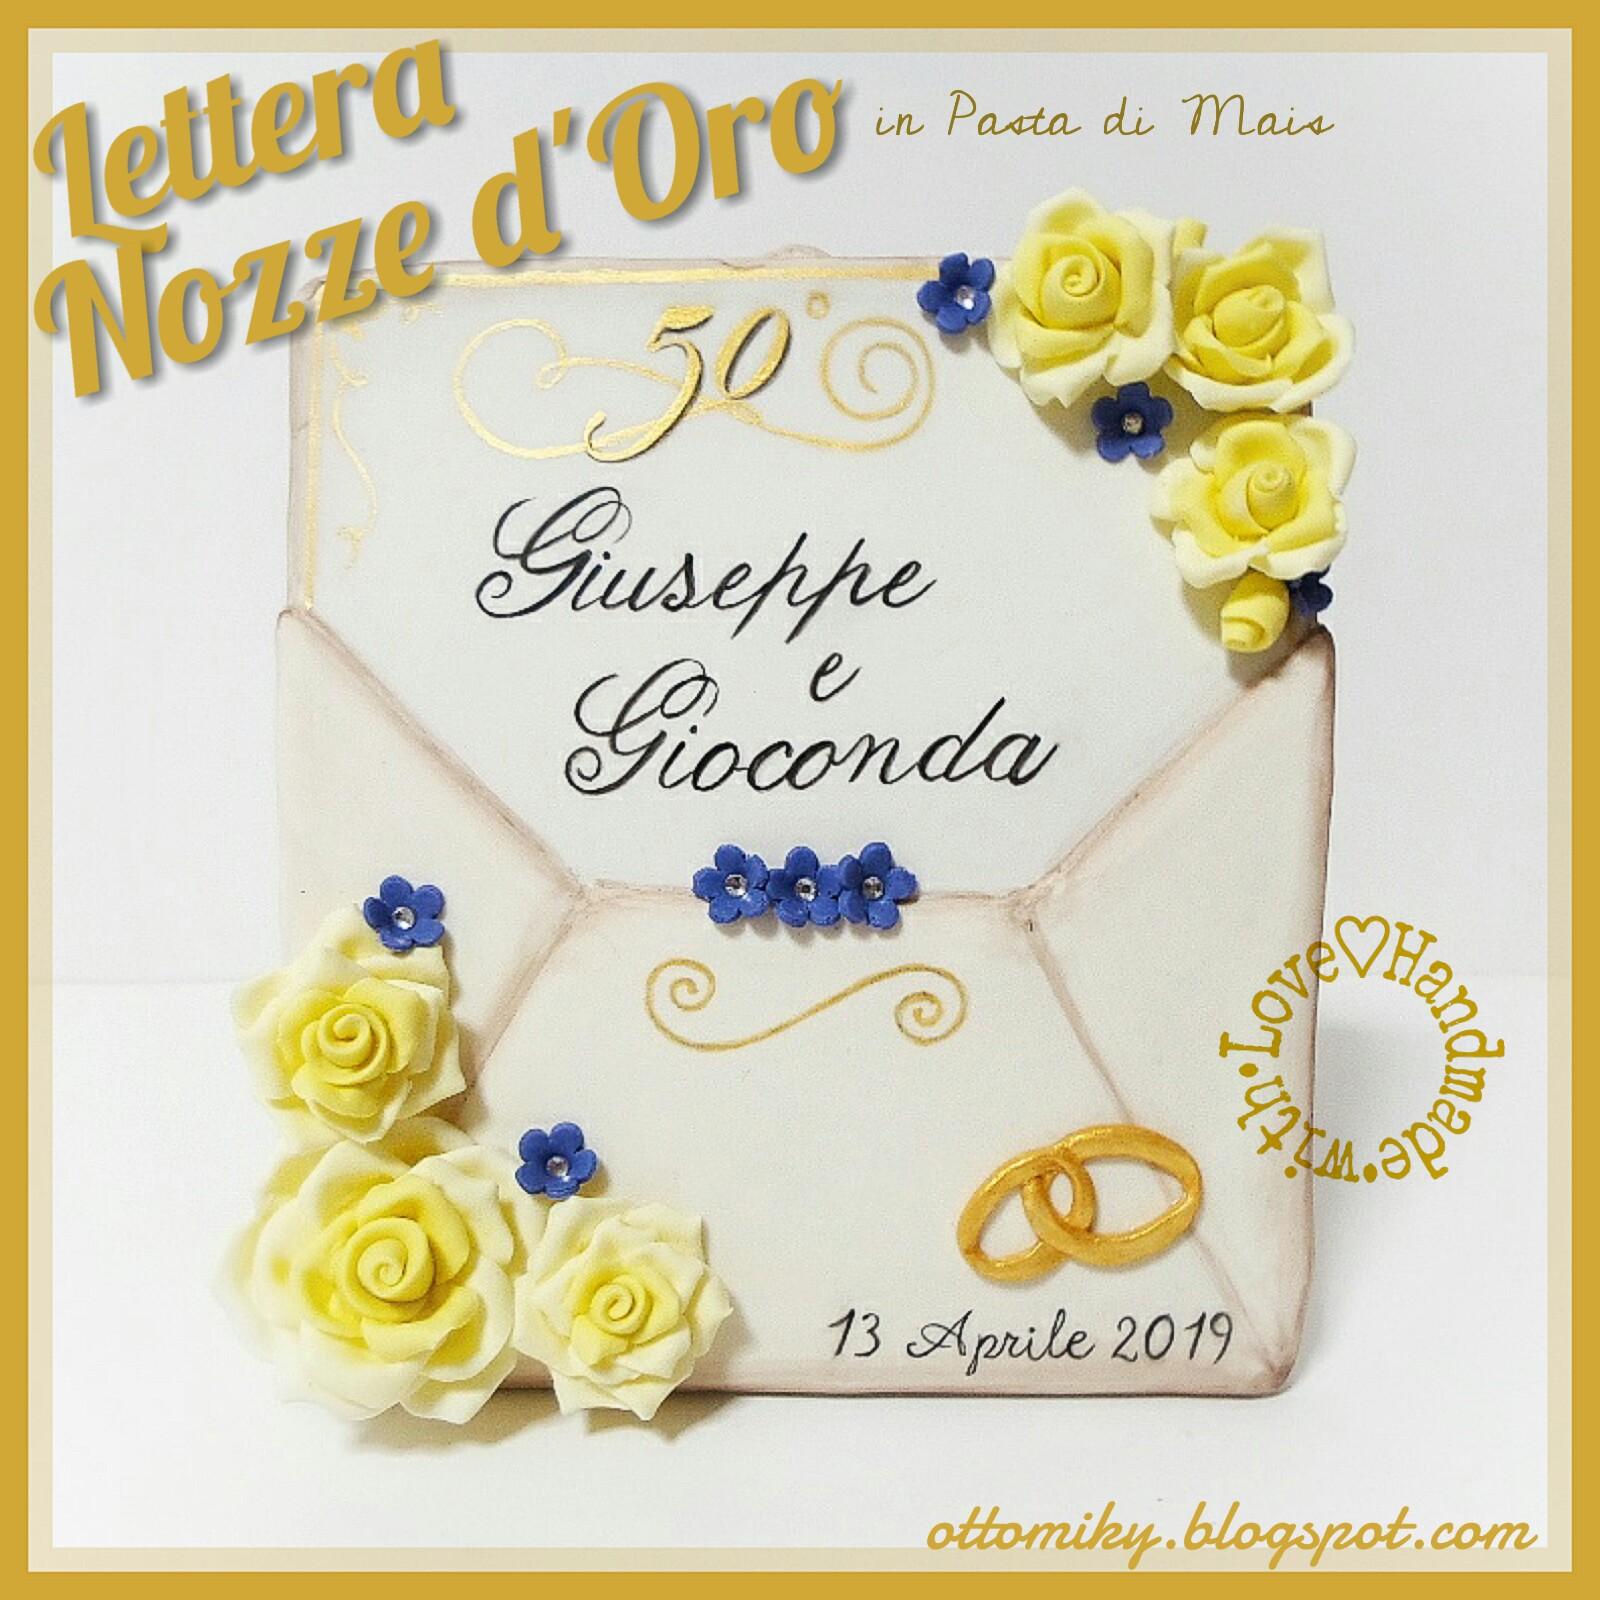 Decorazioni Lettere D Amore otto&miky: bomboniera lettera nozze d'oro